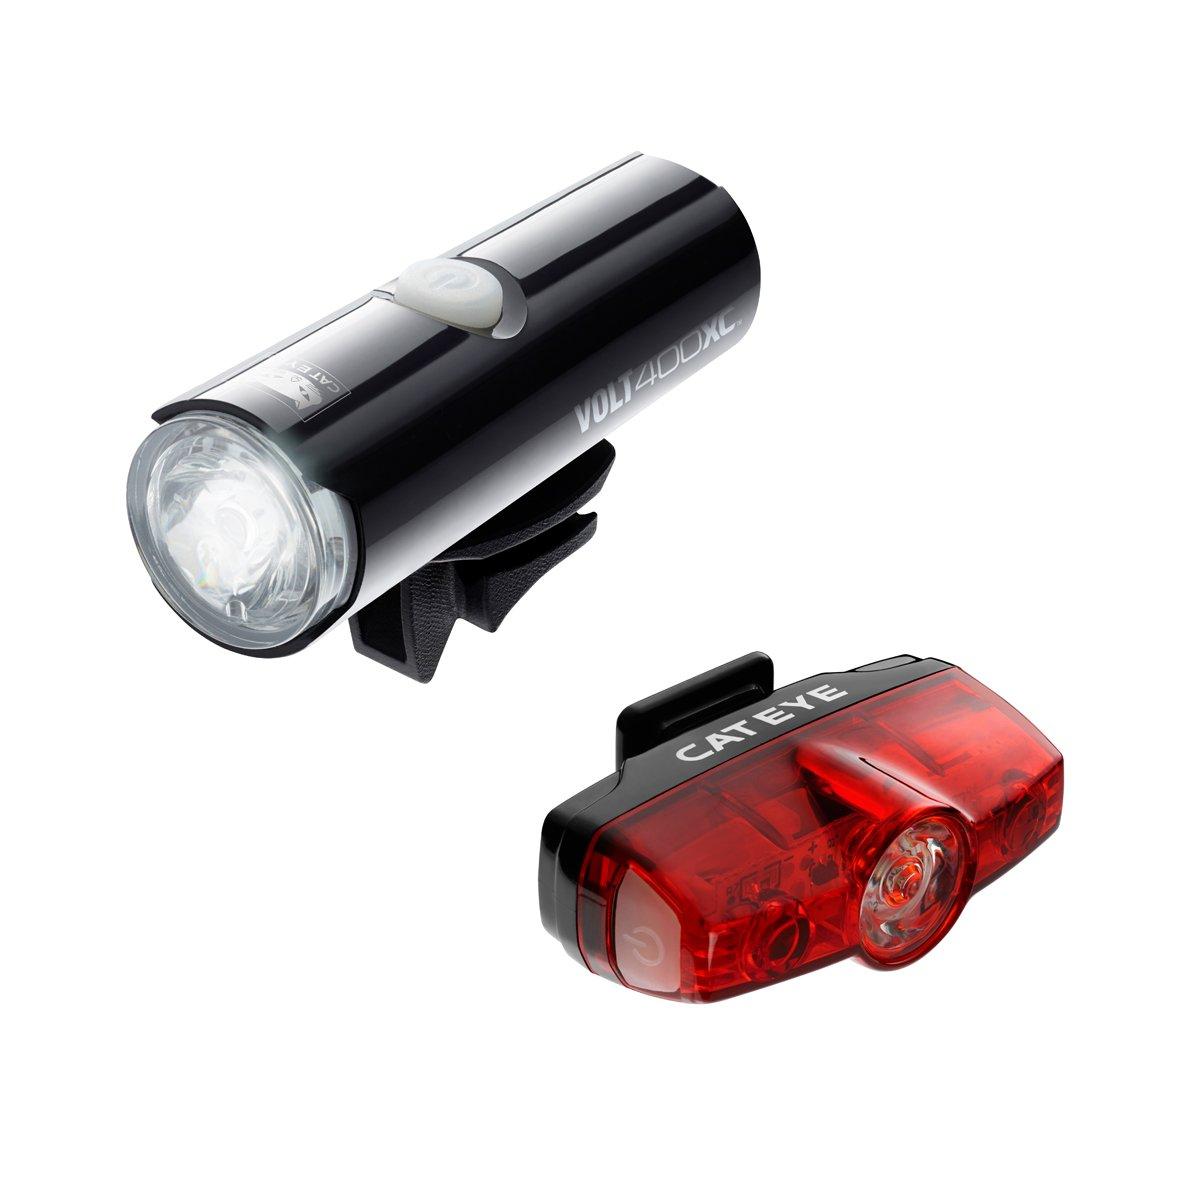 CatEye Volt 400 XC/Rapid Mini Set Lights and Reflectors, Cycling - Black, NO SIZE CA490V400MIN